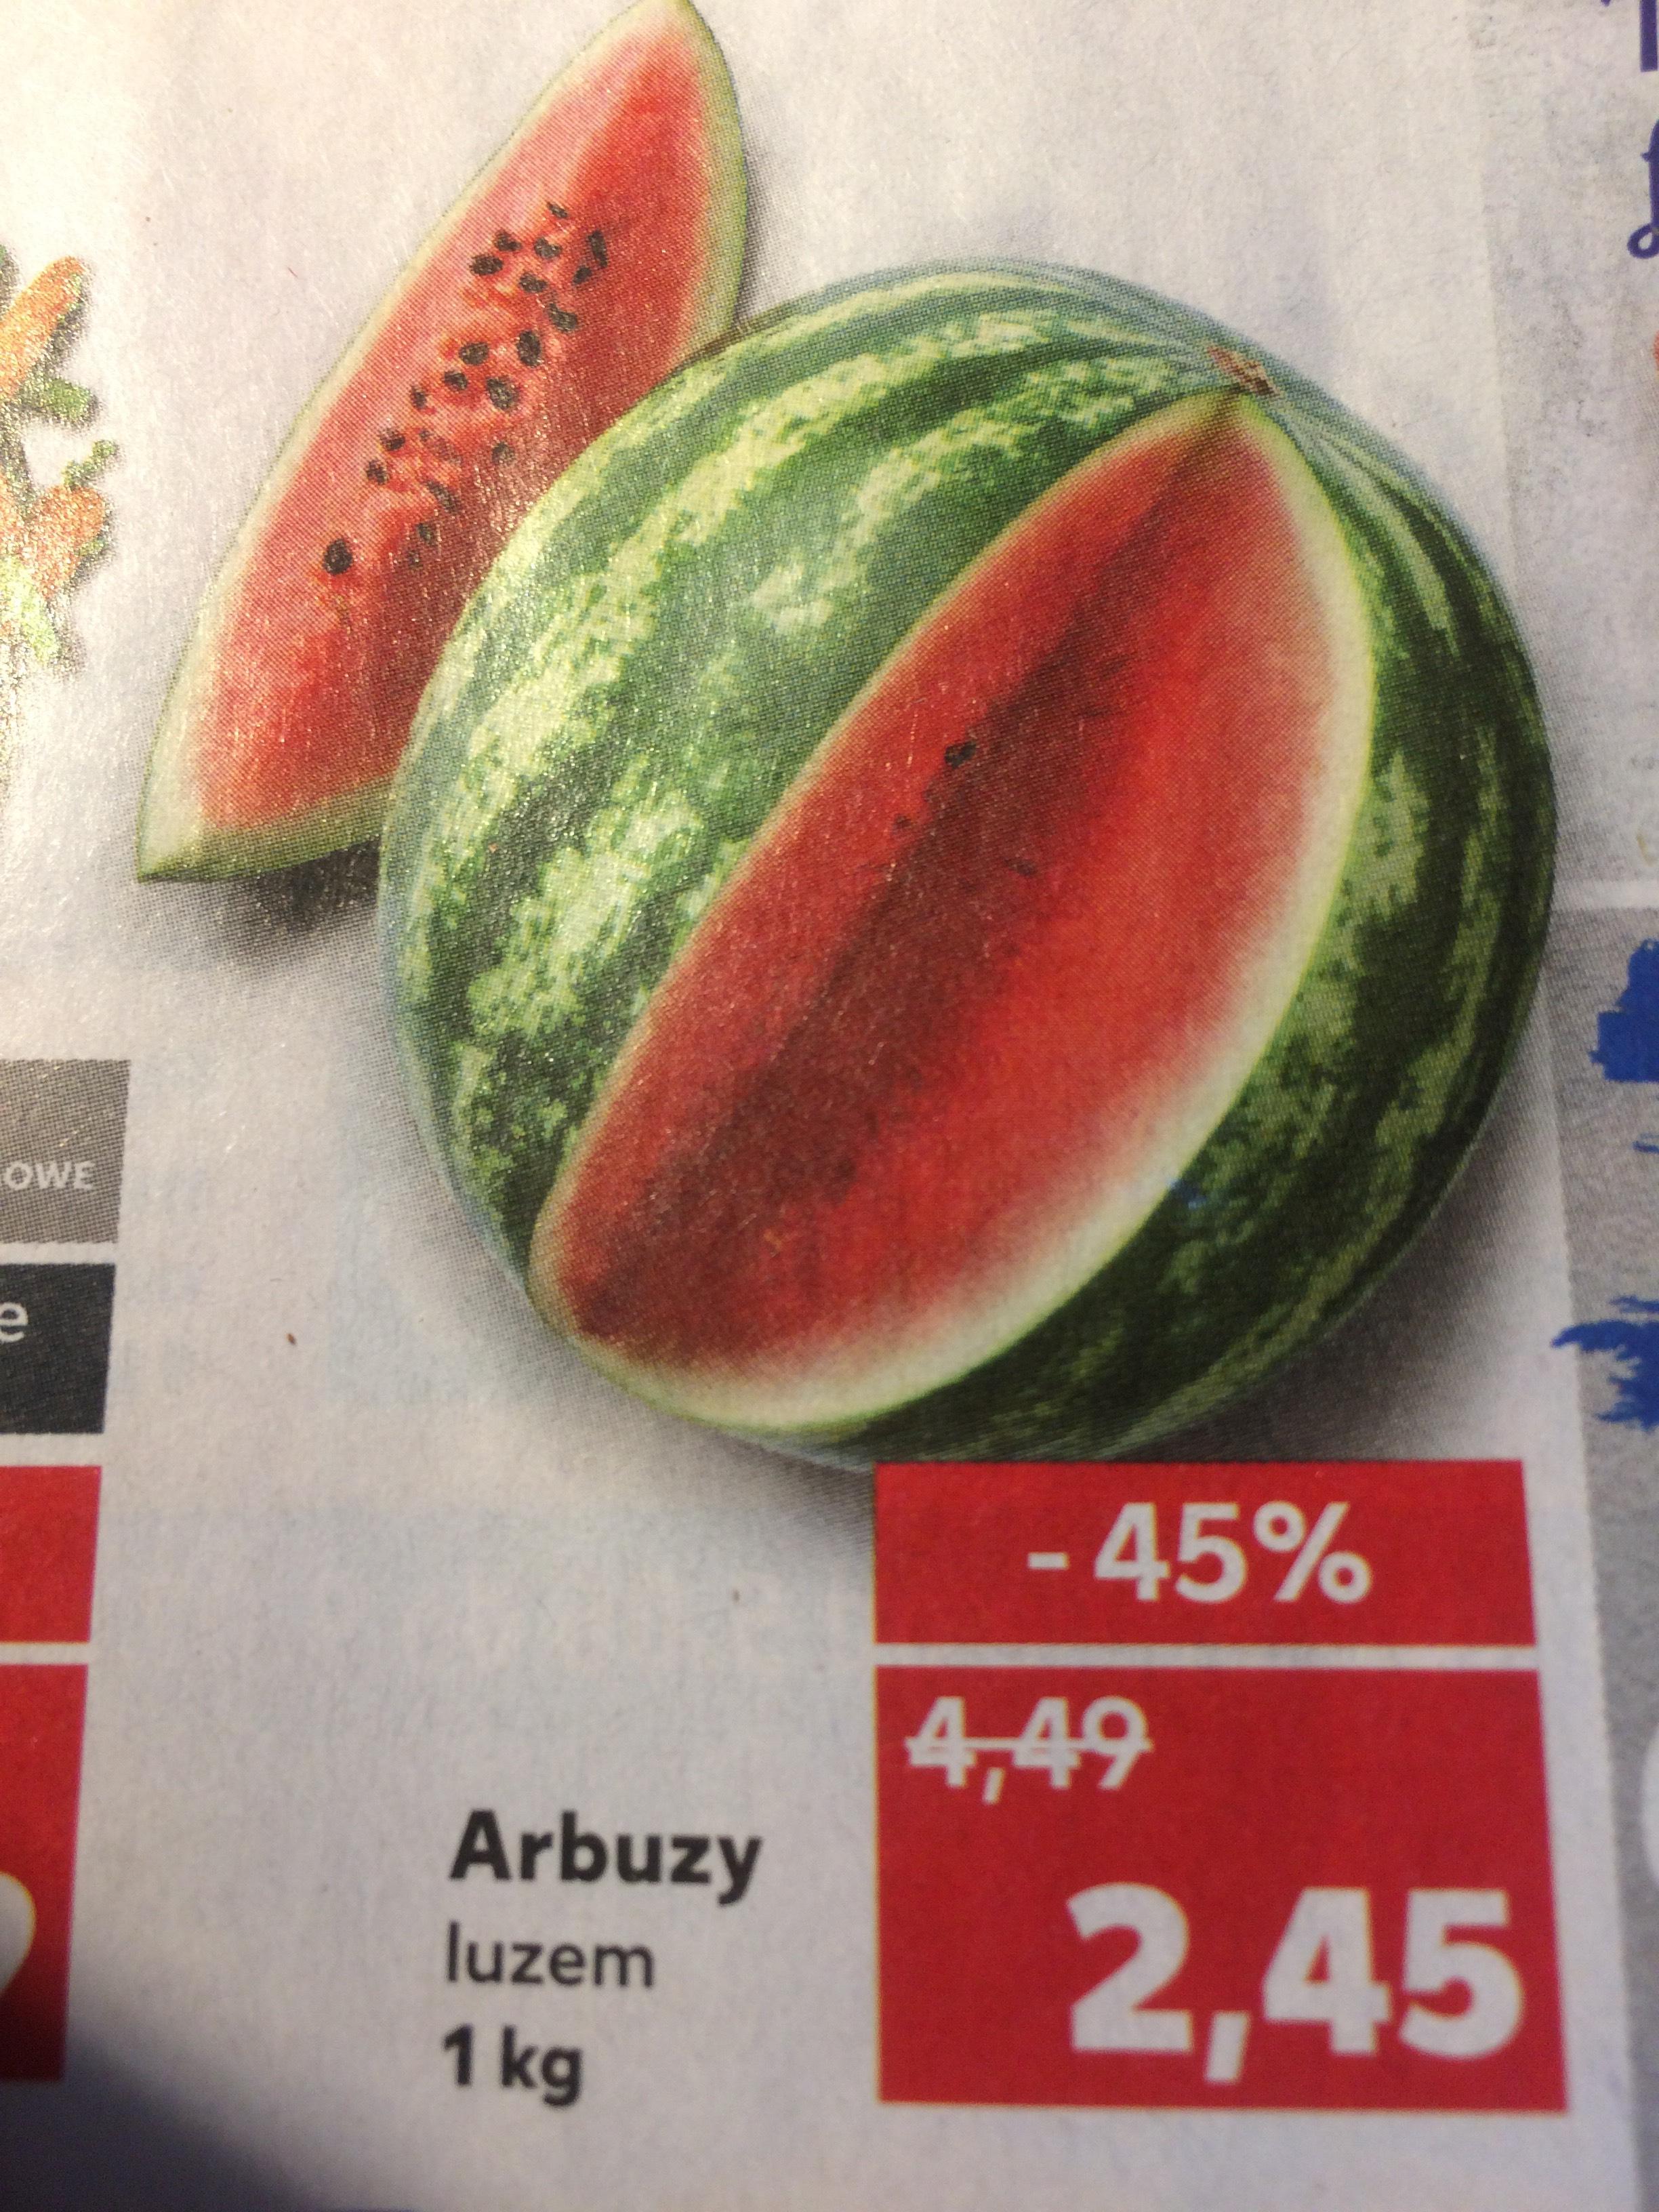 ARBUZY 2,45 zł za 1kg